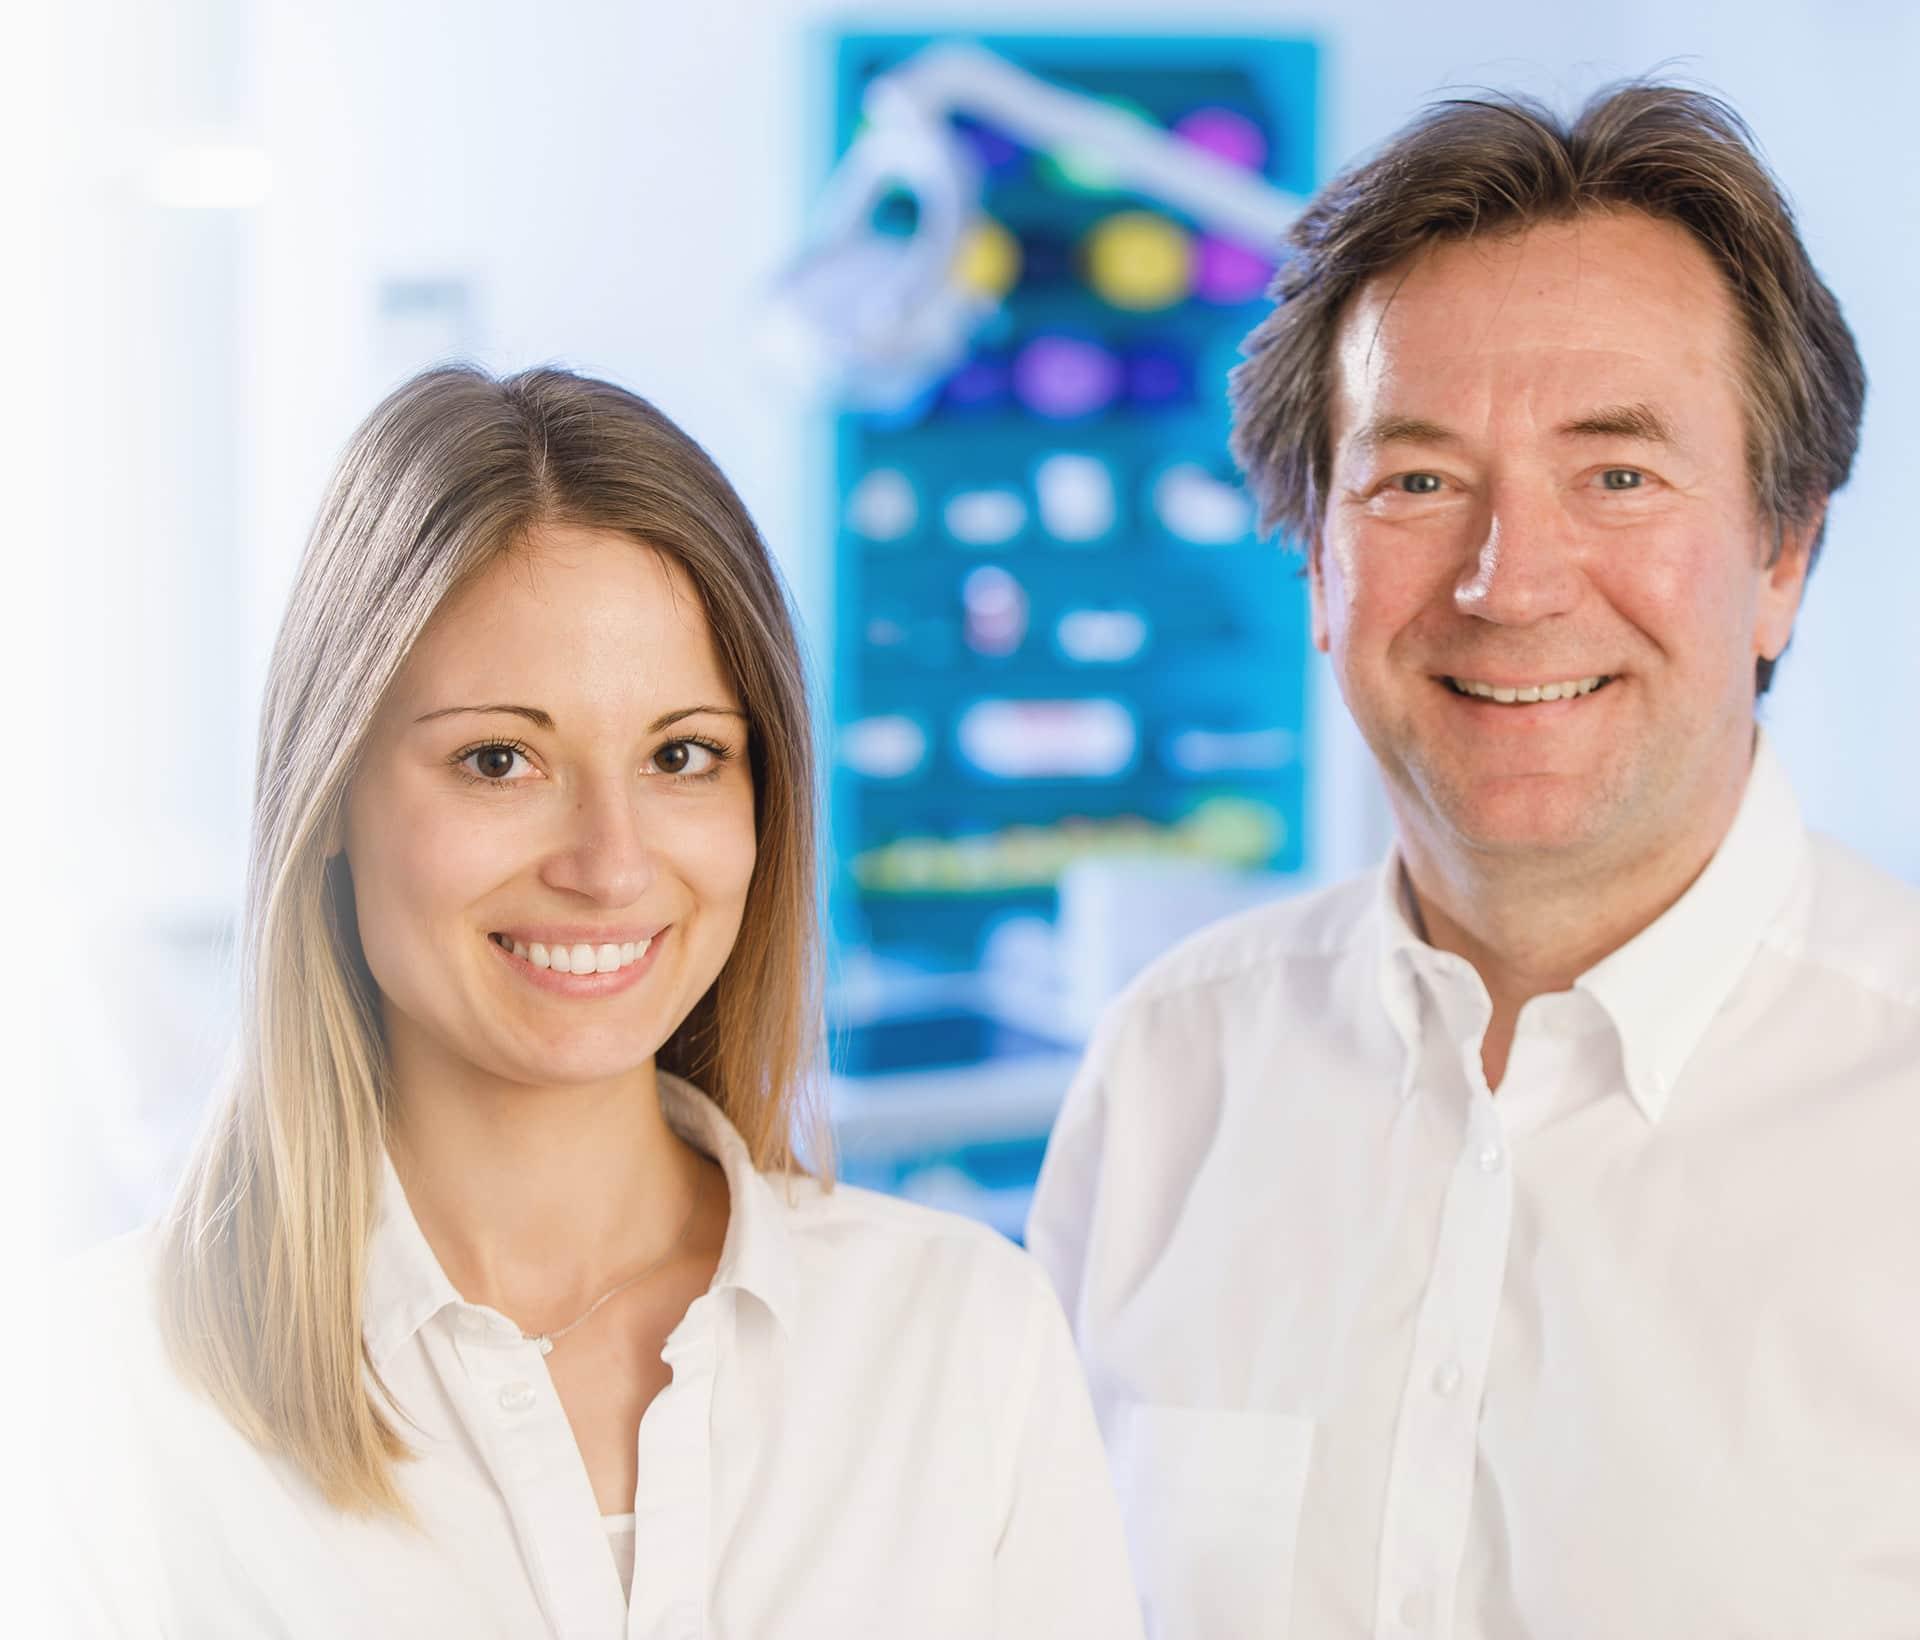 Dr-Manfred-Schnitzler-Aerzte-Team-2